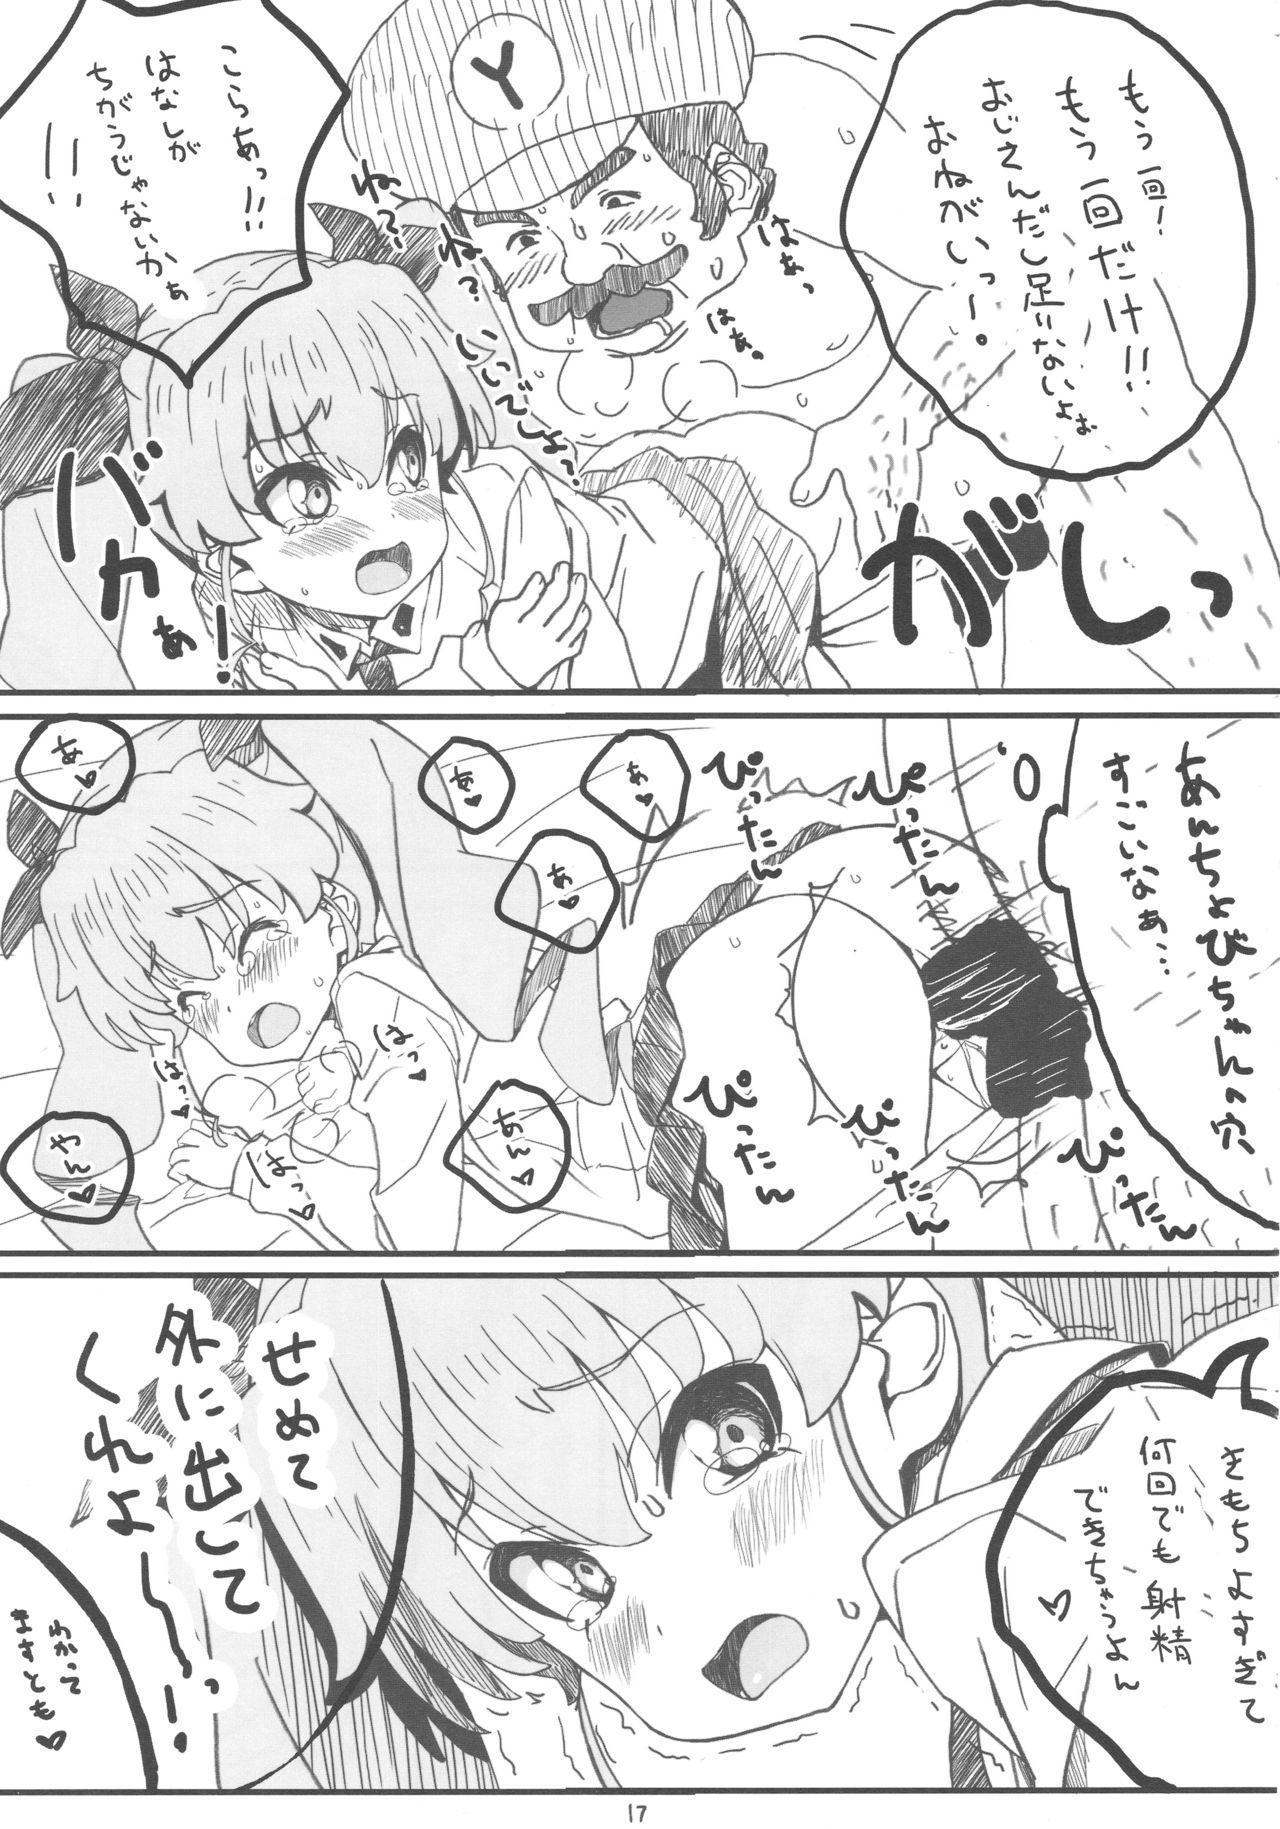 (C90) [Pag-Pag-Magu (Kuuchuu Yousai)] Kore ga Hontou no Oji-san-sen desu! (Girls und Panzer) 15